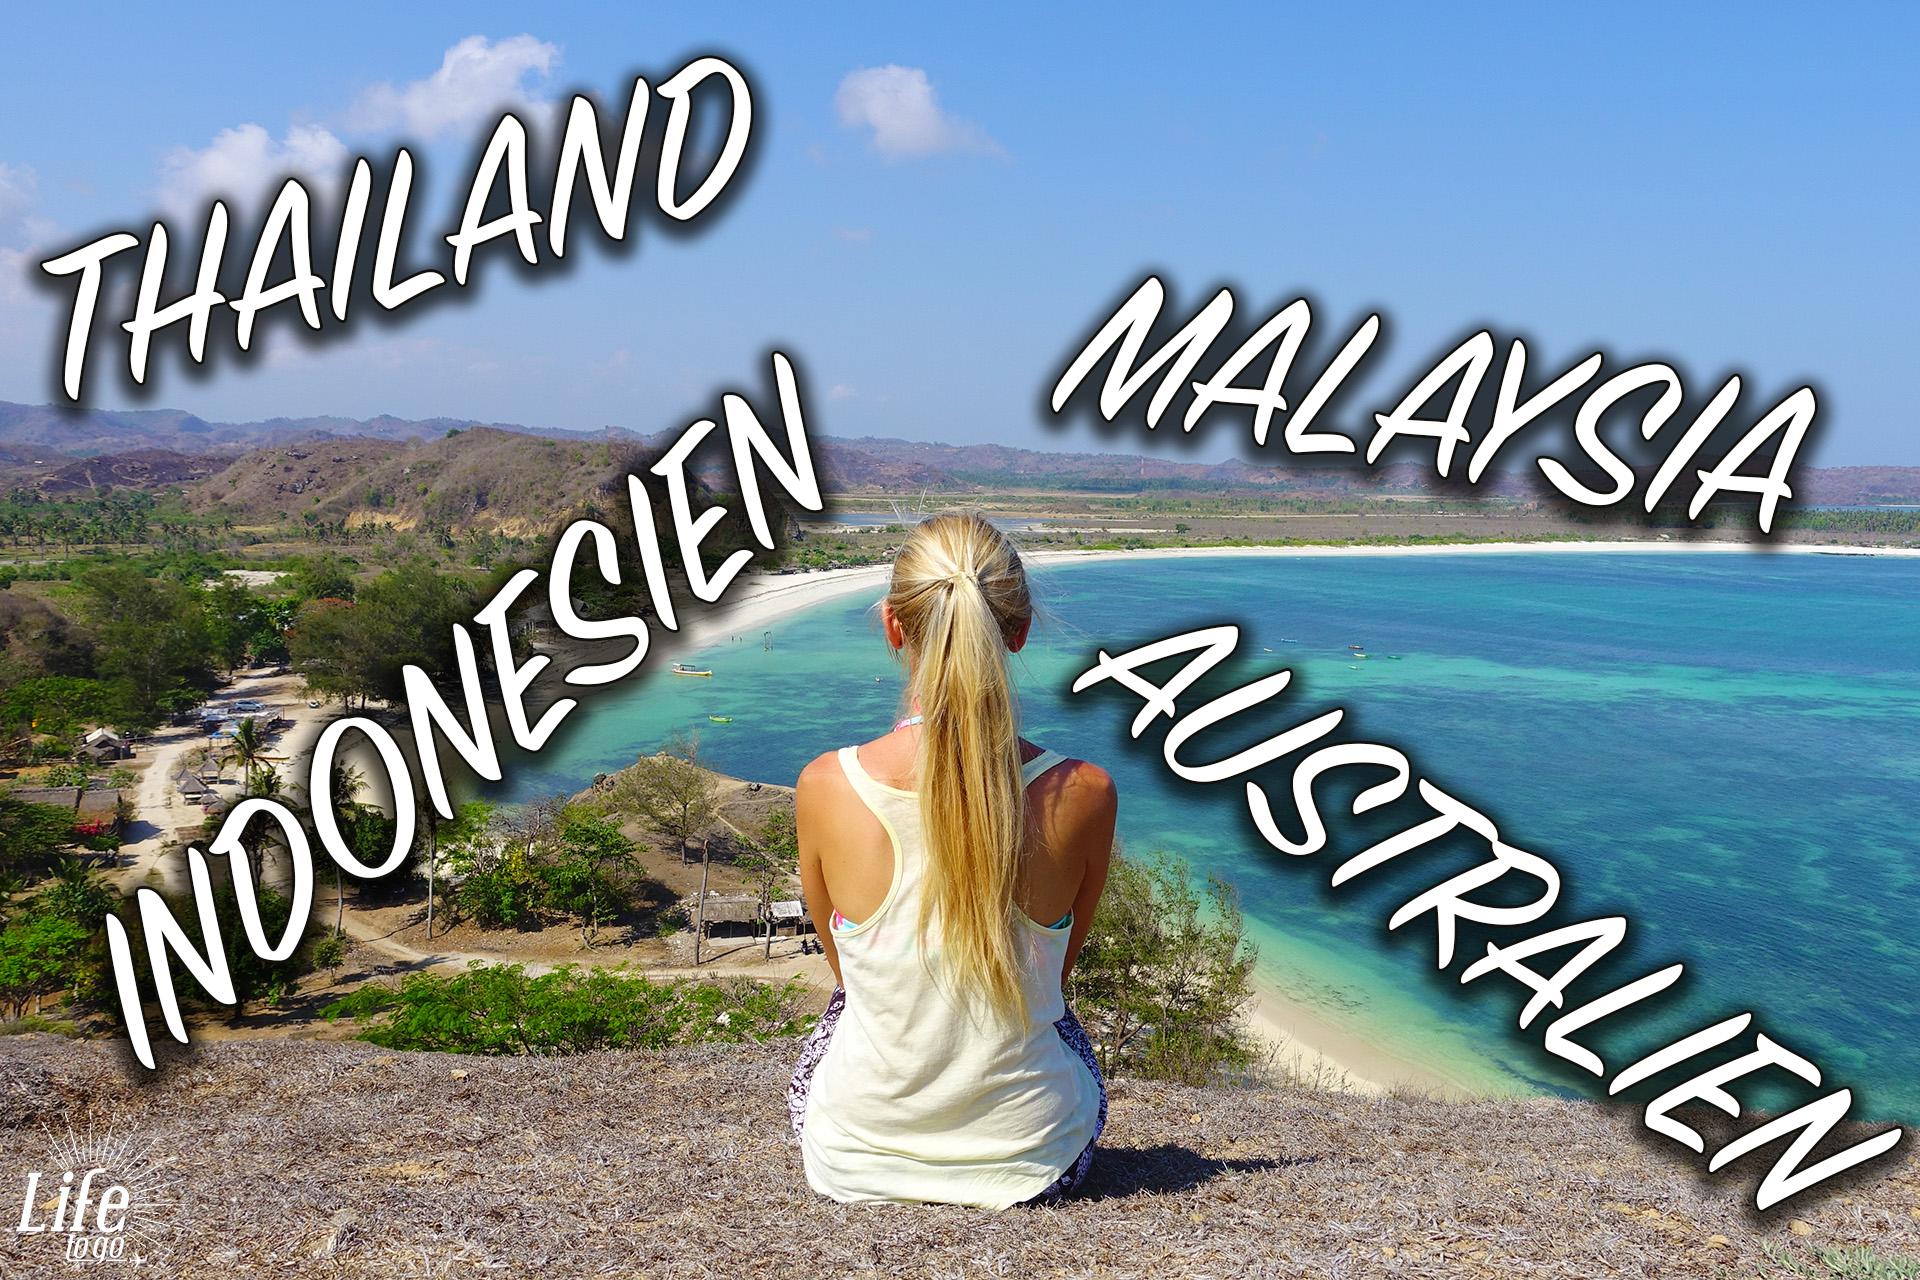 Life to go Weltreise - Reise von Thailand nach Australien, über Malaysia und Indonesien